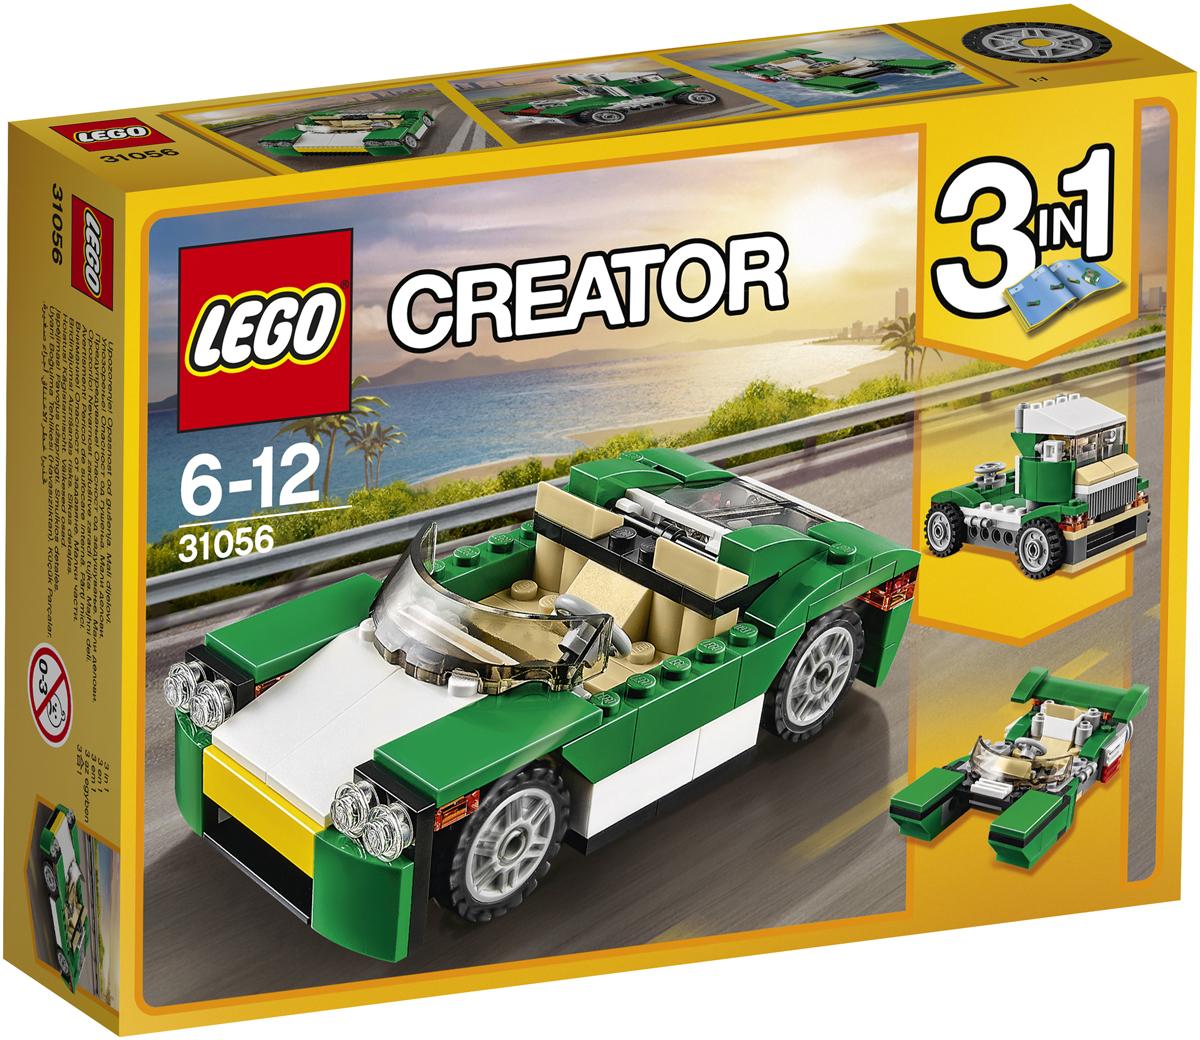 LEGO Creator Конструктор Зеленый кабриолет 3105631056Наслаждайся тёплыми солнечными лучами, катаясь по городу в элегантном Зелёном кабриолете с откидным верхом, притягивающем взгляды своей яркой зелёной, белой, жёлтой и чёрной цветовой гаммой, тонированным лобовым стеклом и просторной кабиной, рассчитанной на две минифигурки, с реалистичной приборной панелью и рулём. Подними крышку переднего багажника, чтобы воспользоваться багажным отсеком, или открой прозрачный задний капот, под которым находится двигатель. Кабриолет можно превратить в Скоростную лодку или Скоростной грузовик.